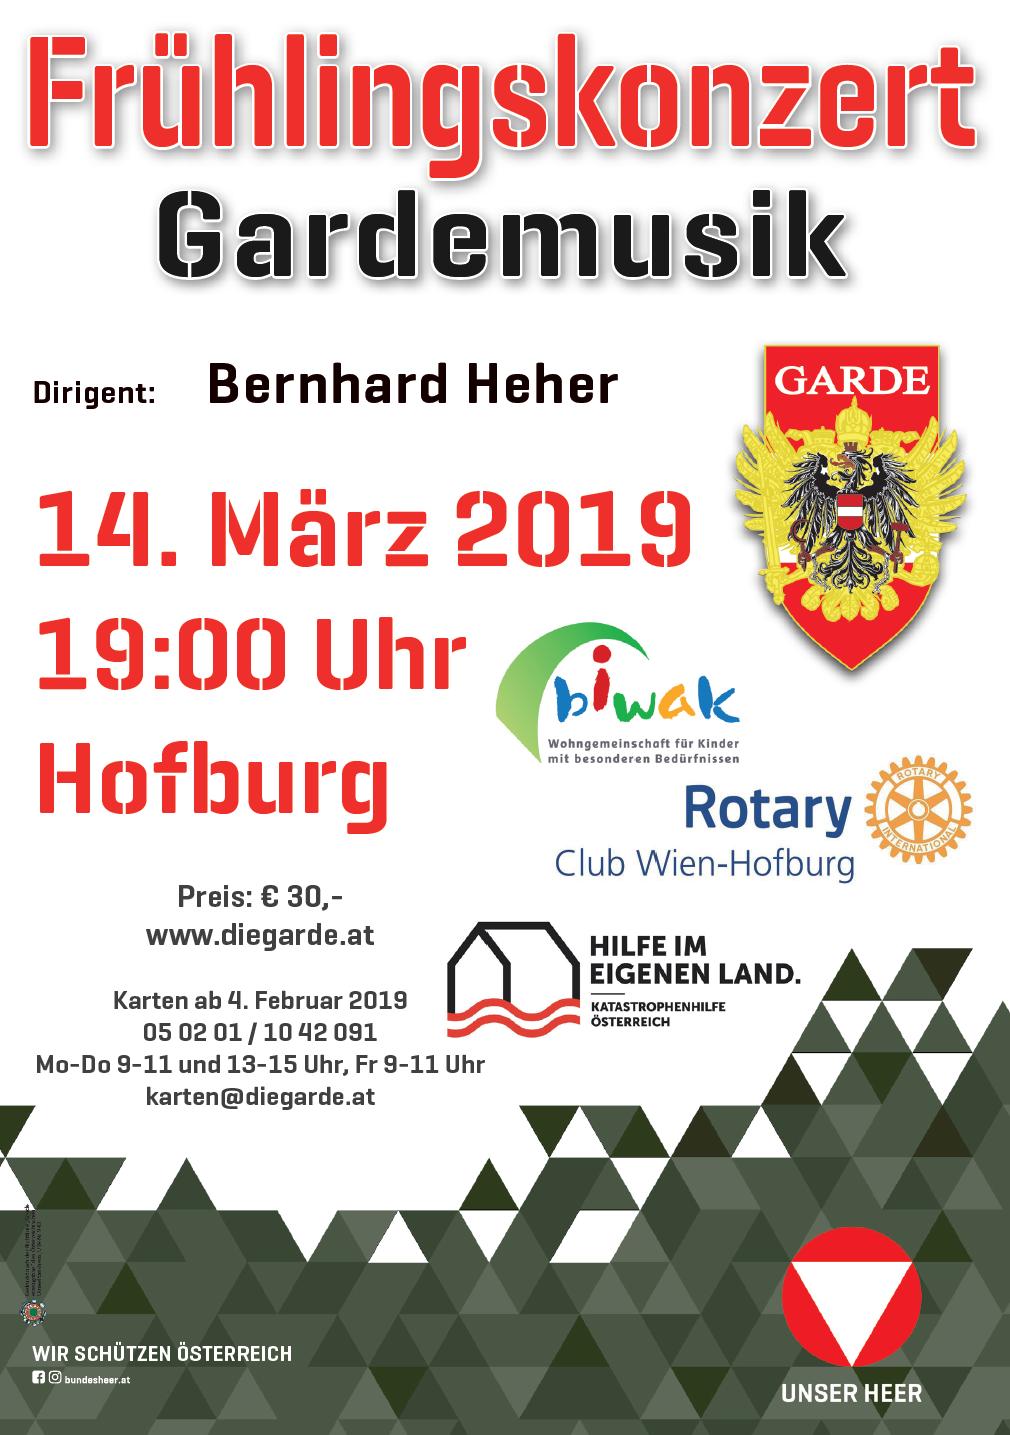 Frühlingskonzert der Gardemusik - Plakat